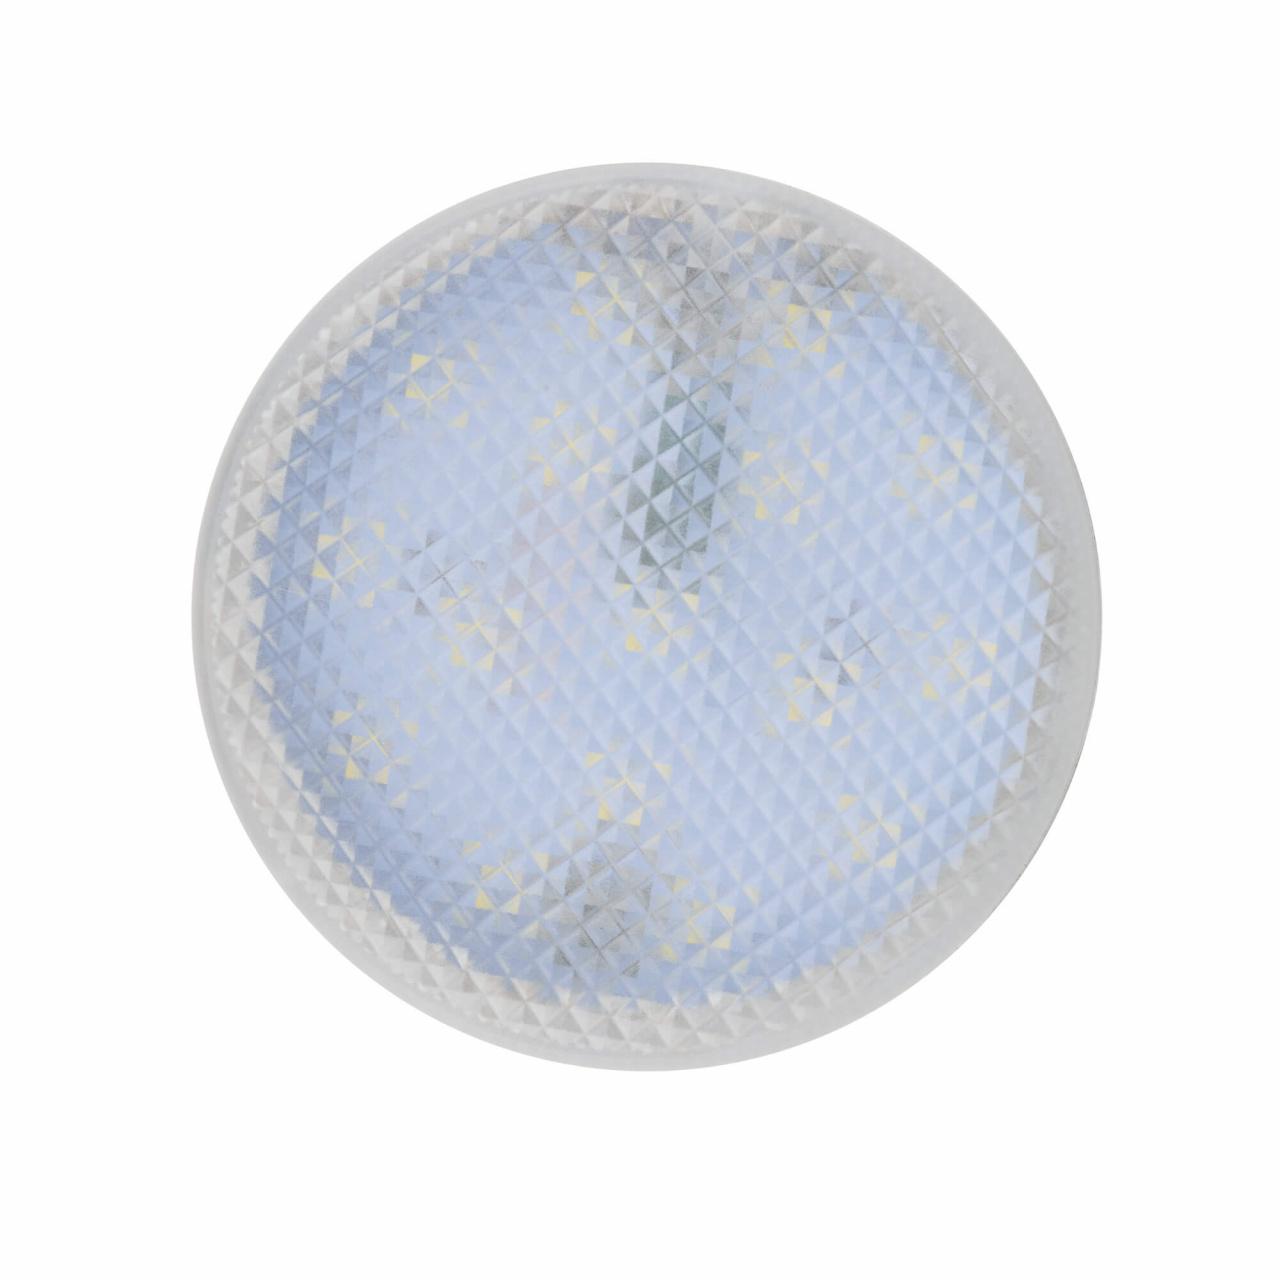 цена на Лампочка Uniel LED-GX53-7W/3000K+3000K/GX53/PR PLB02WH LED-GX53